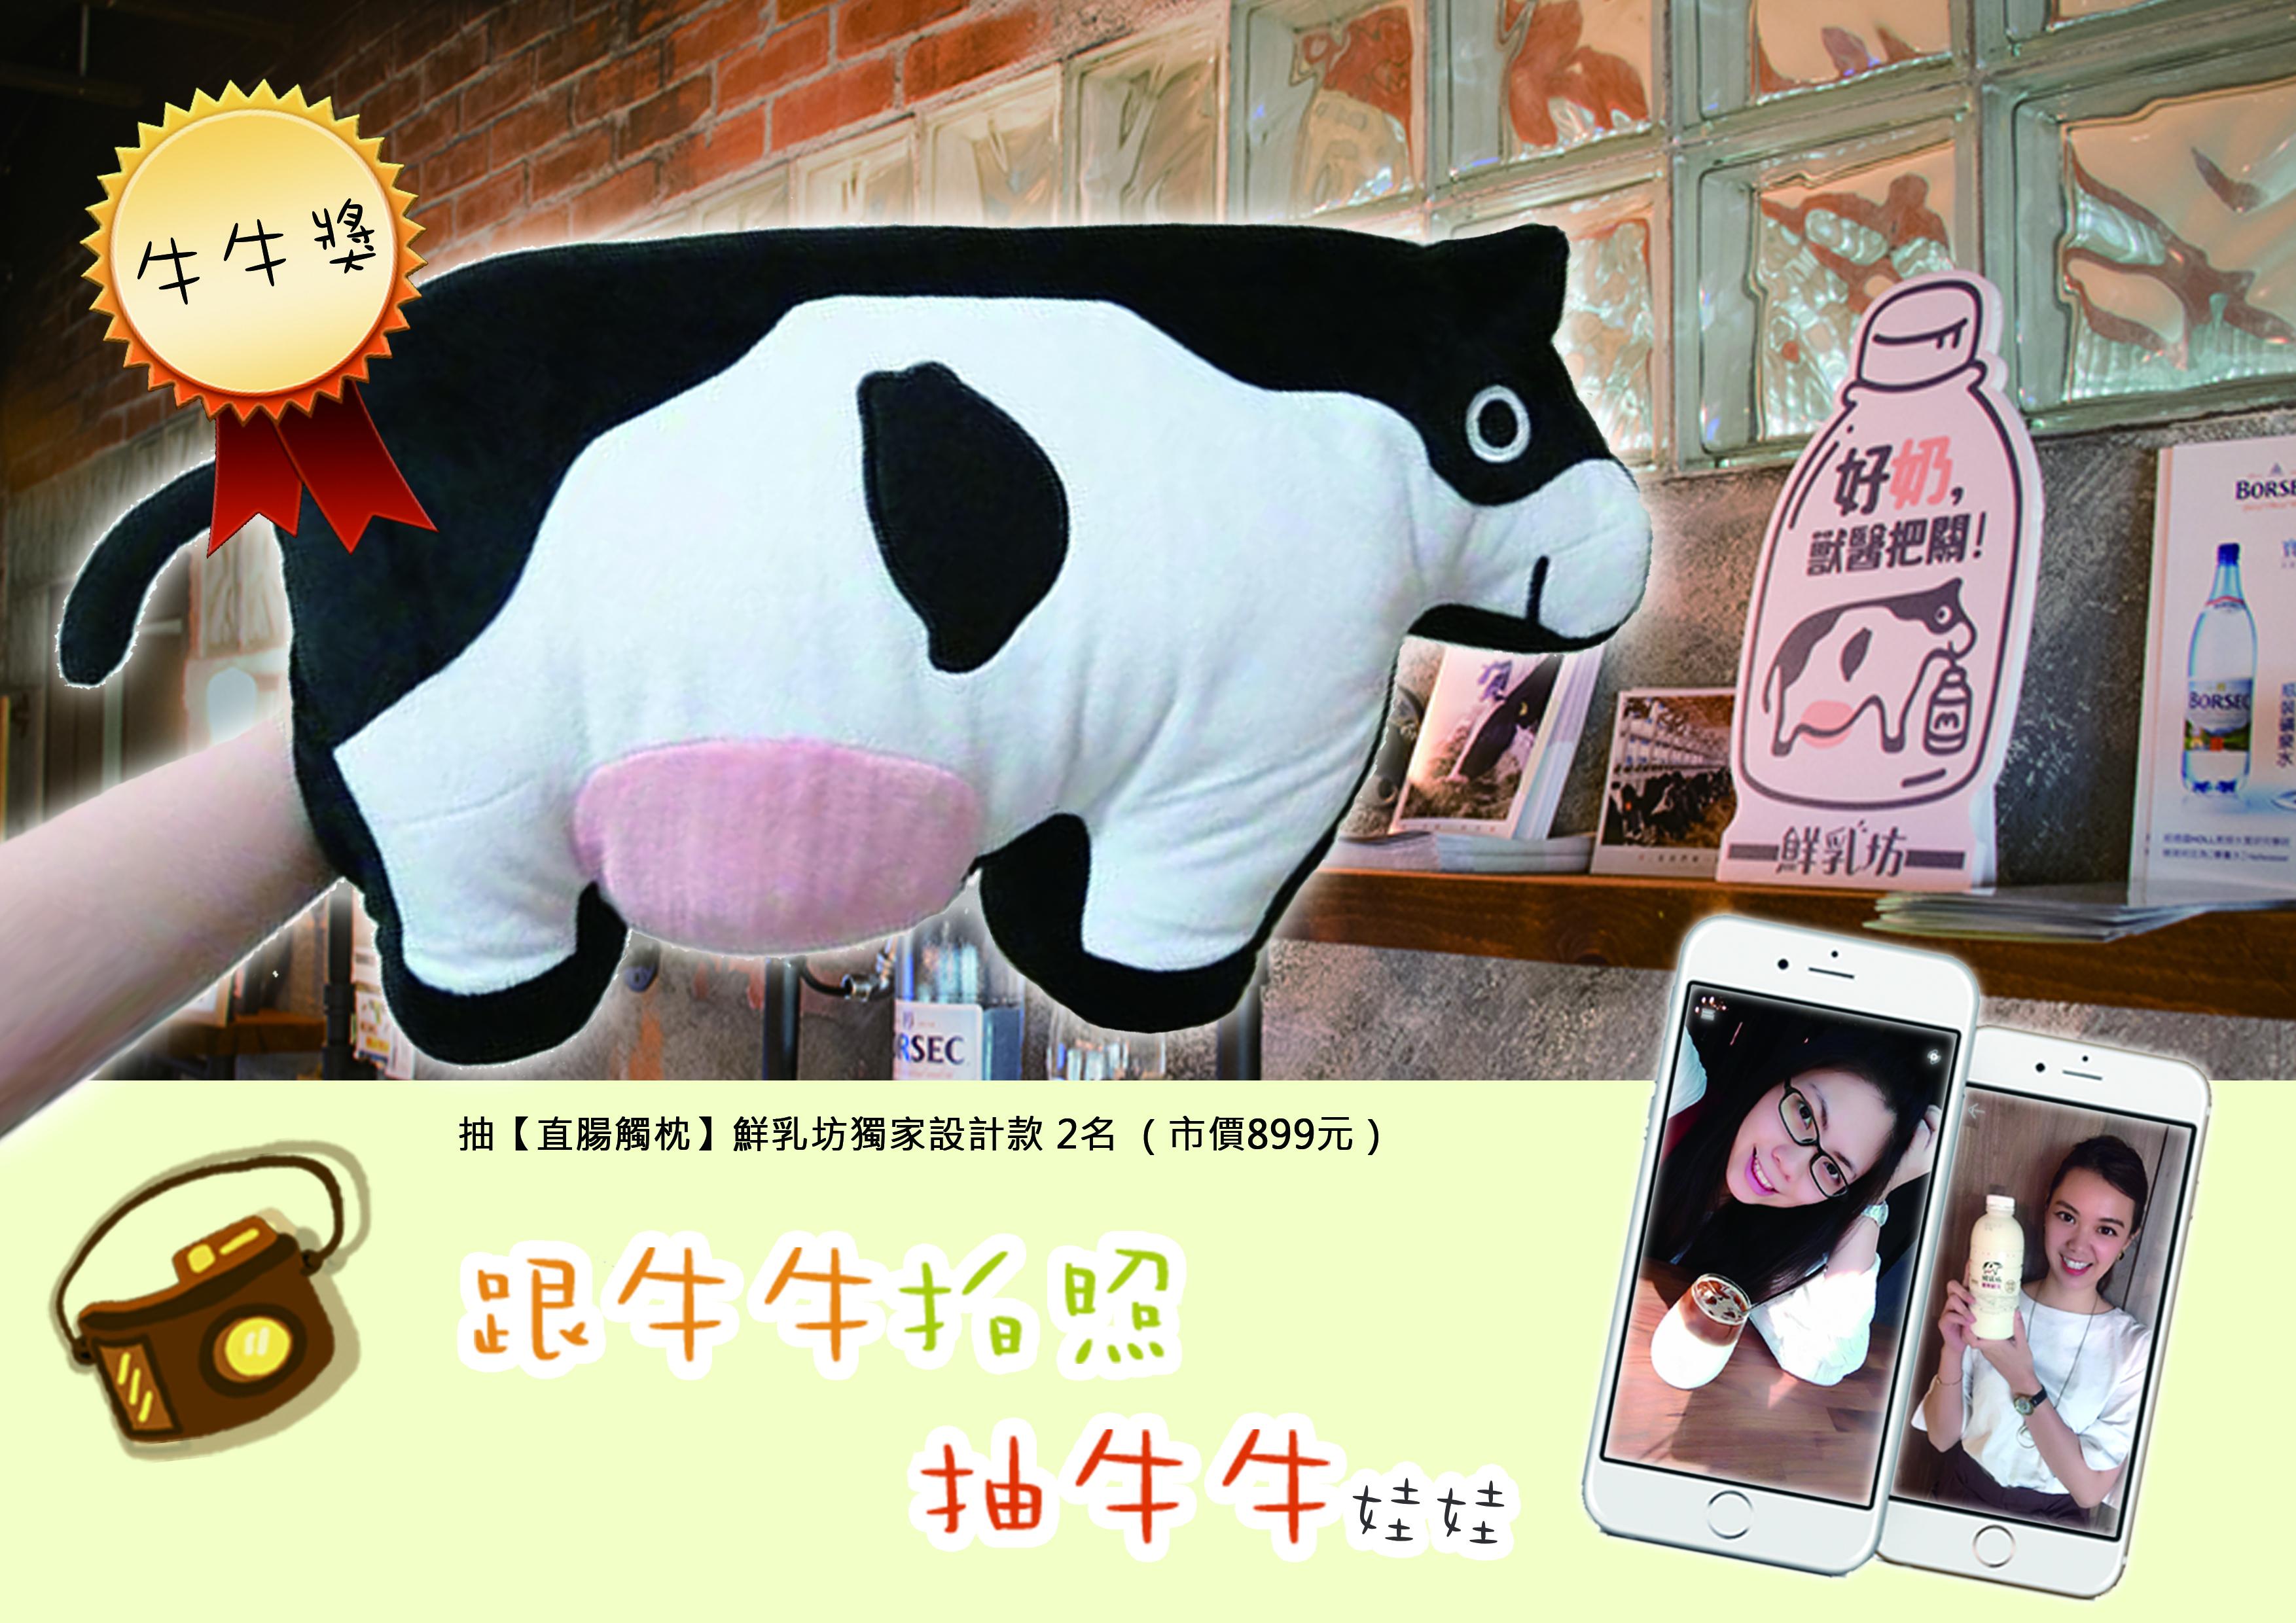 【 📷拍照打卡免費抽牛牛娃娃📷】